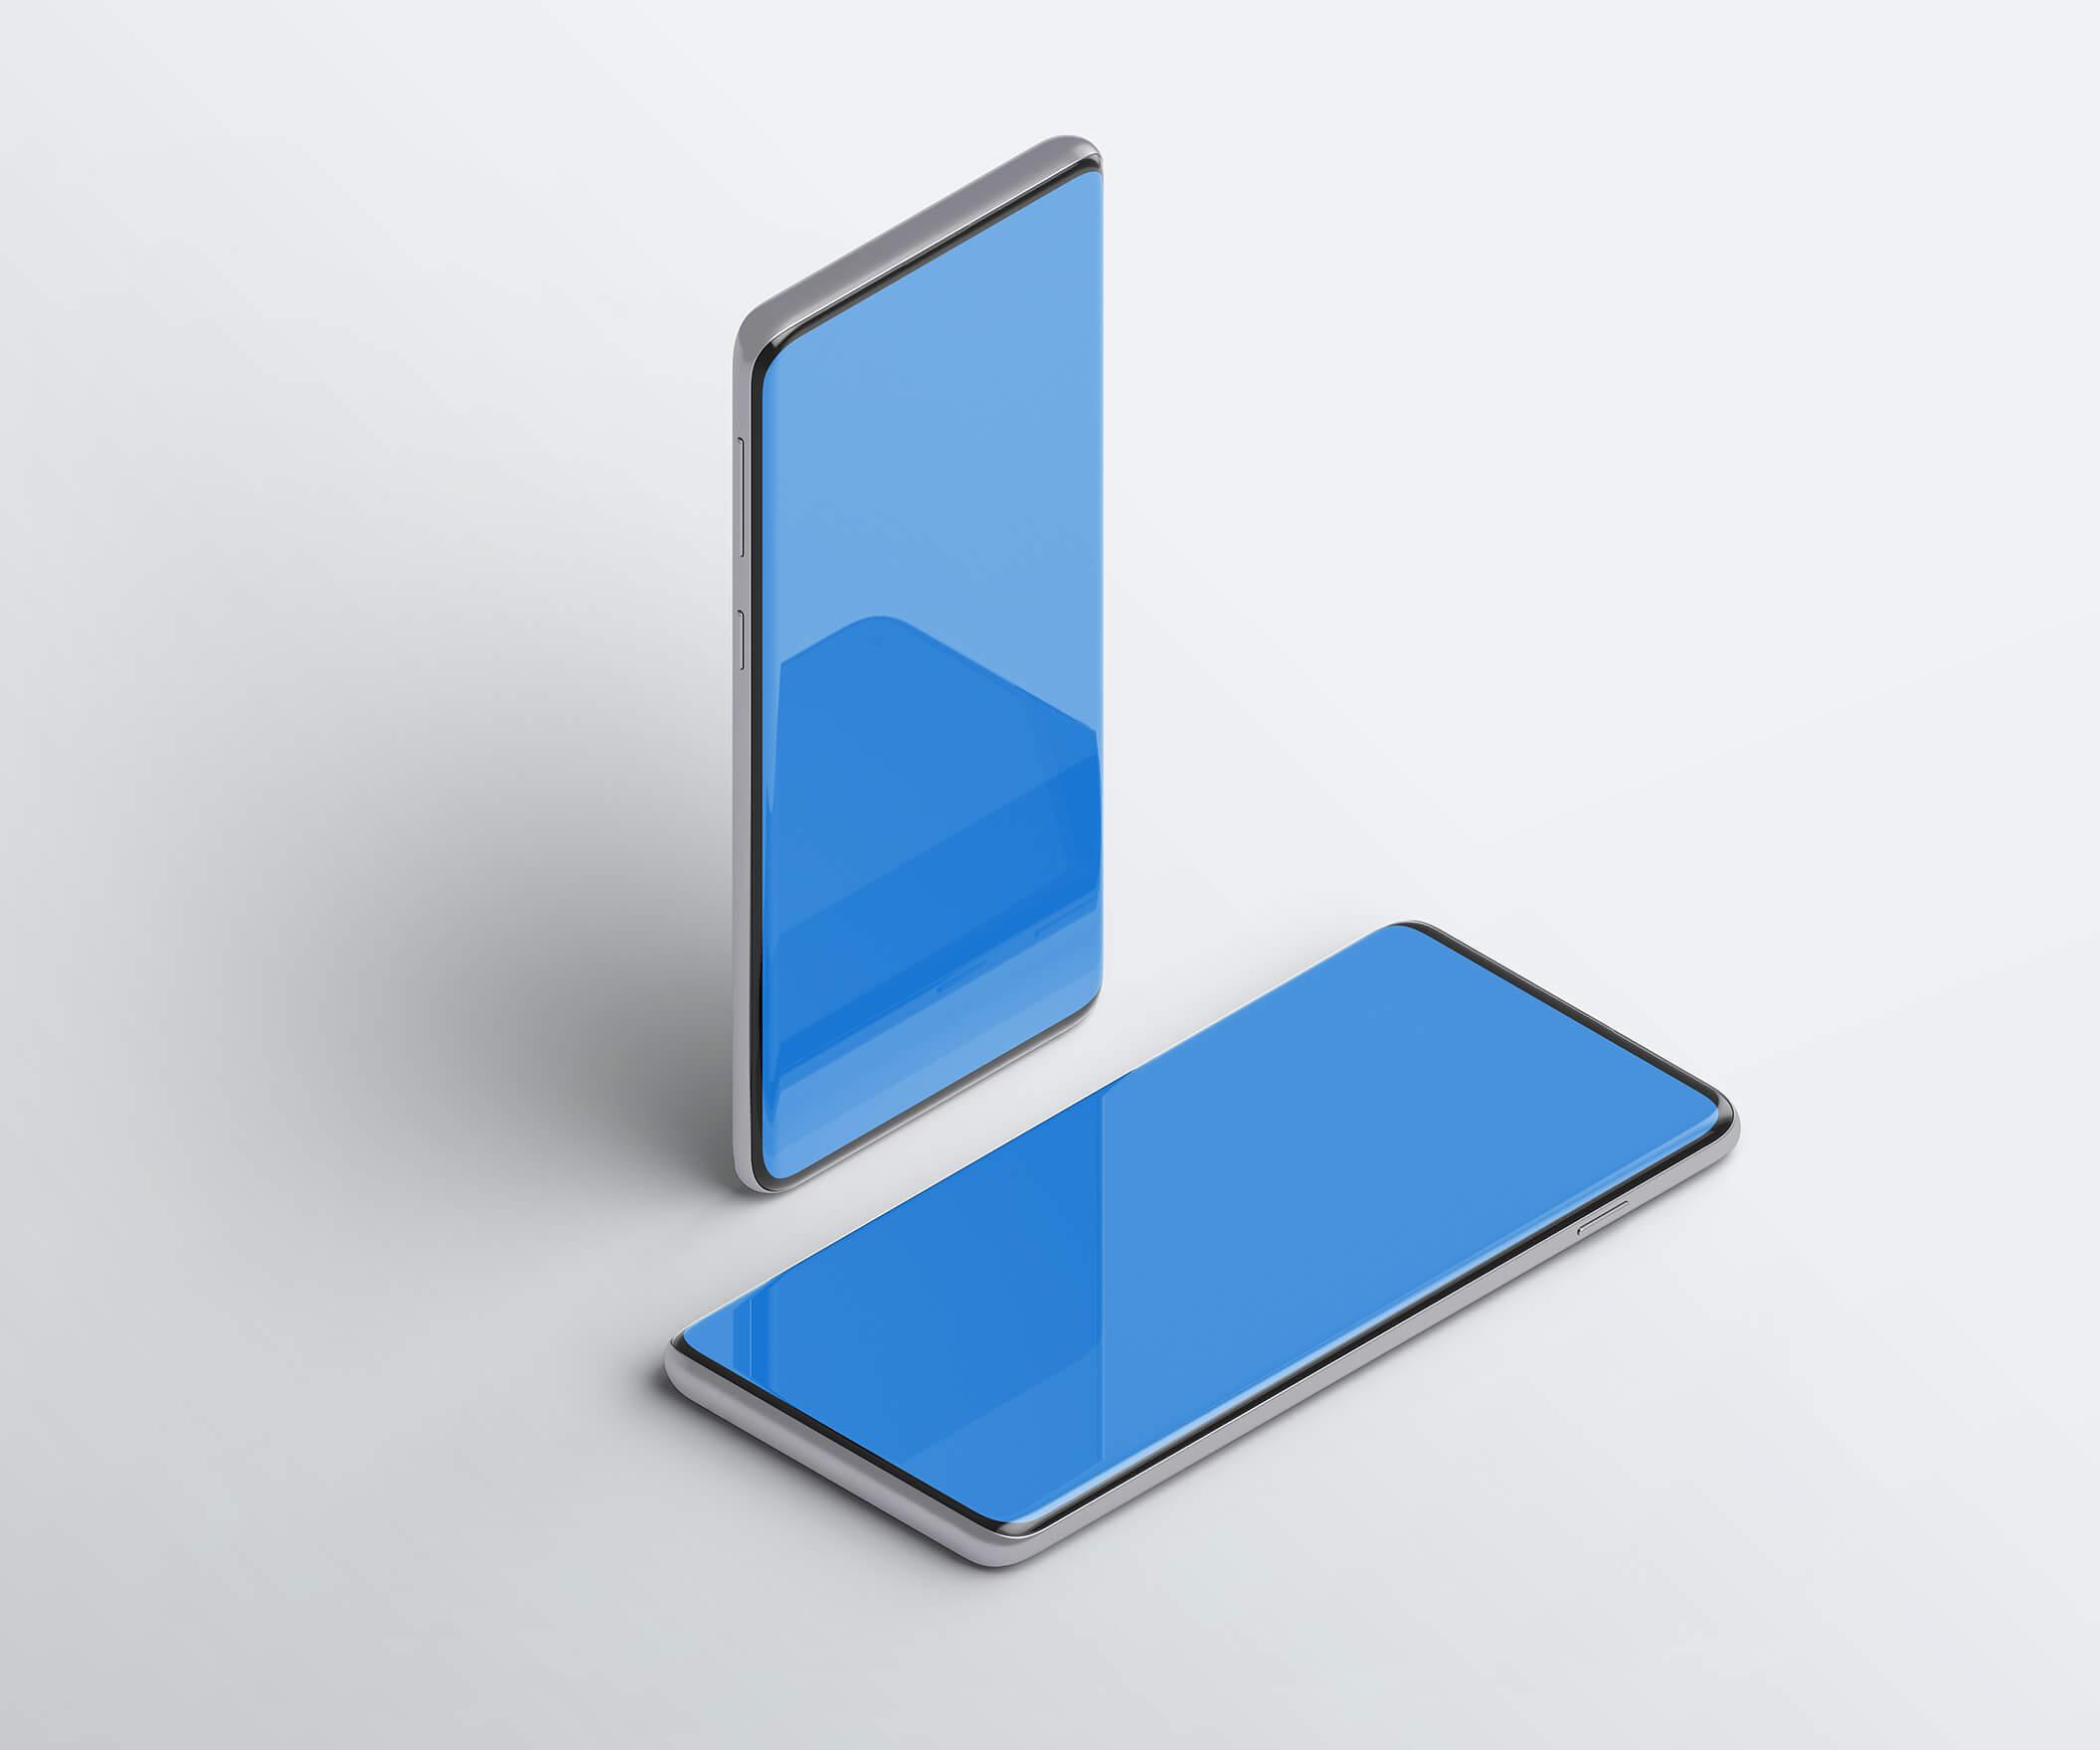 三星Galaxy S10最小电话样机套件模版素材Minimal Phones Mockup Kit插图(8)